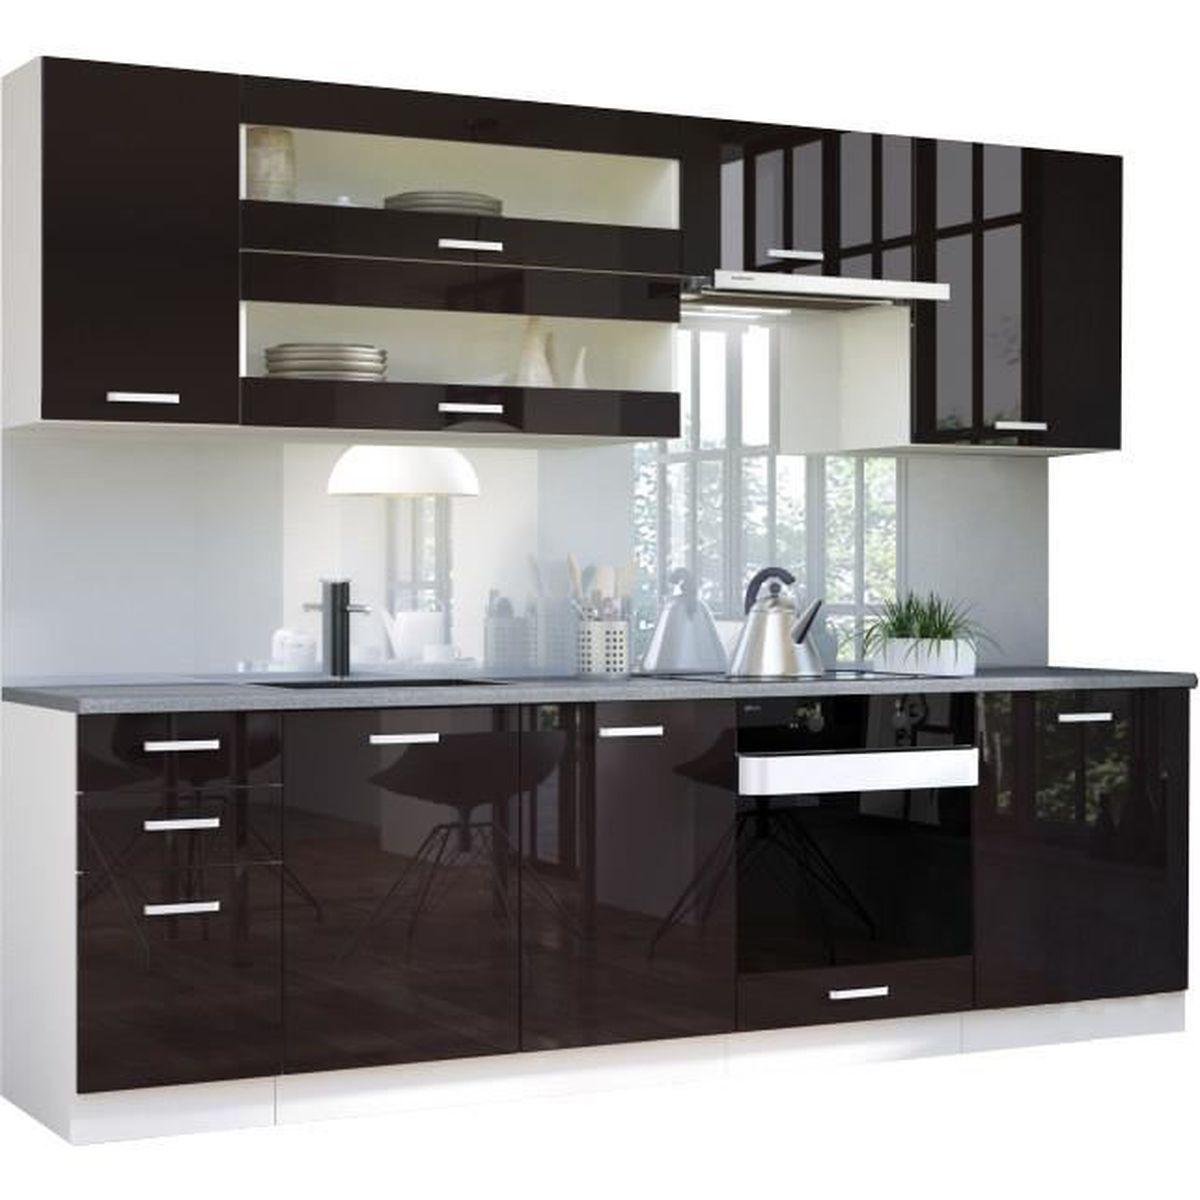 Meuble Bas De Cuisine Noir Laqué ensemble cuisine complète ultra moderne 260 cm coloris blanc